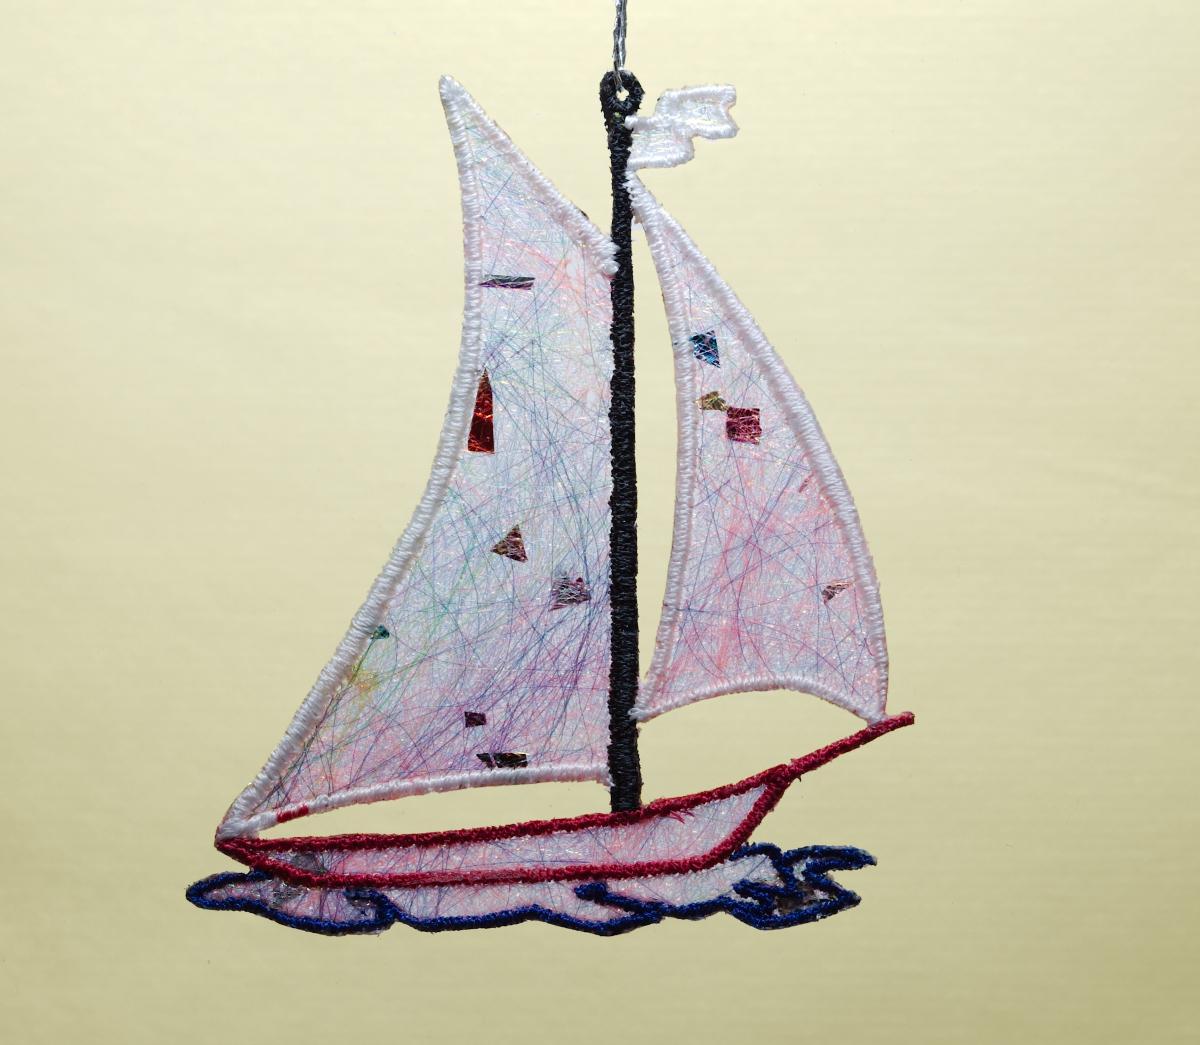 Sail Boat Shimmer